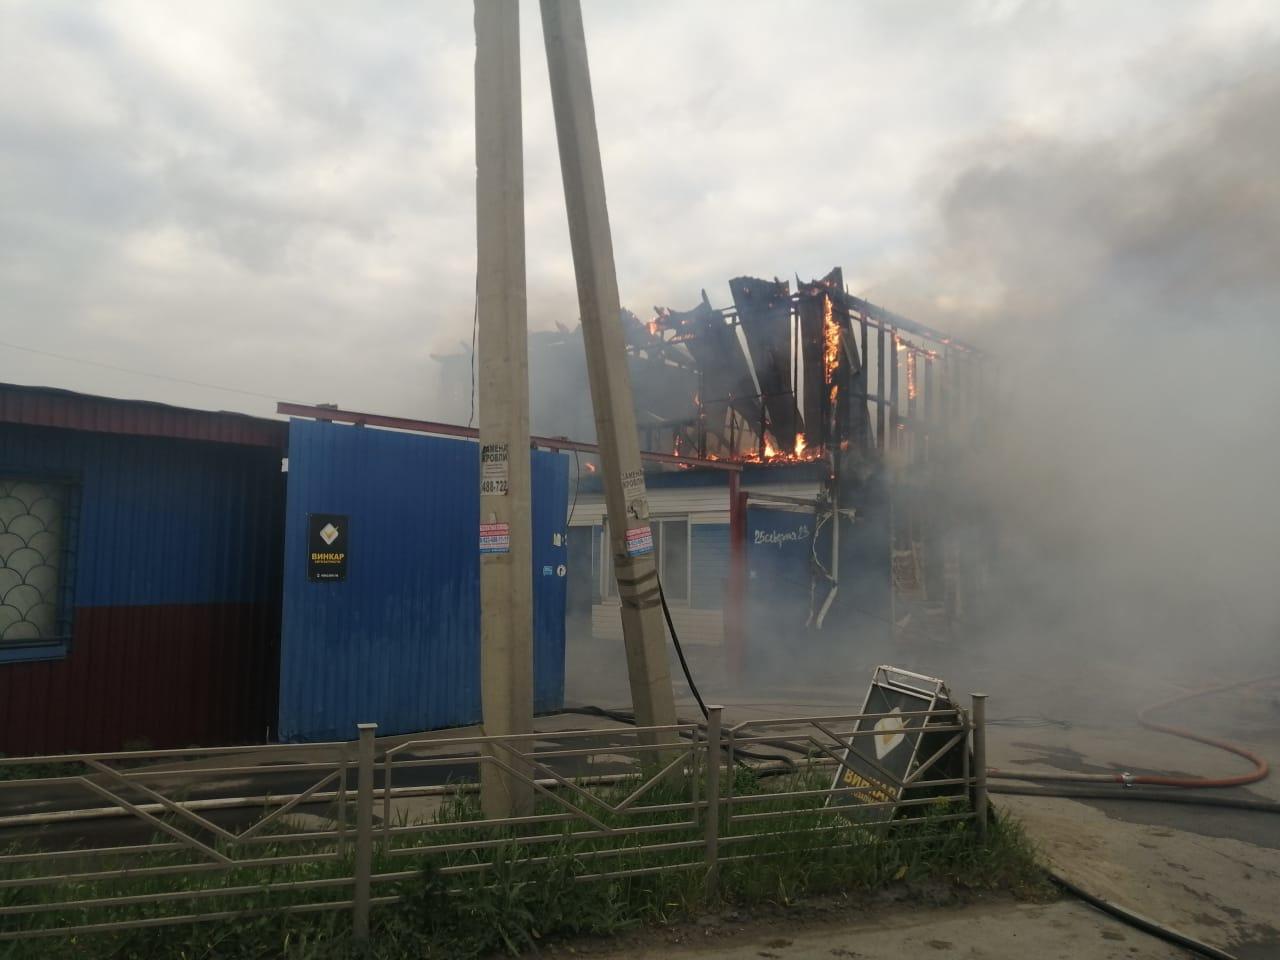 На пожаре в Омске сгорели 2 дома, автомагазин и иномарка #Омск #Общество #Сегодня